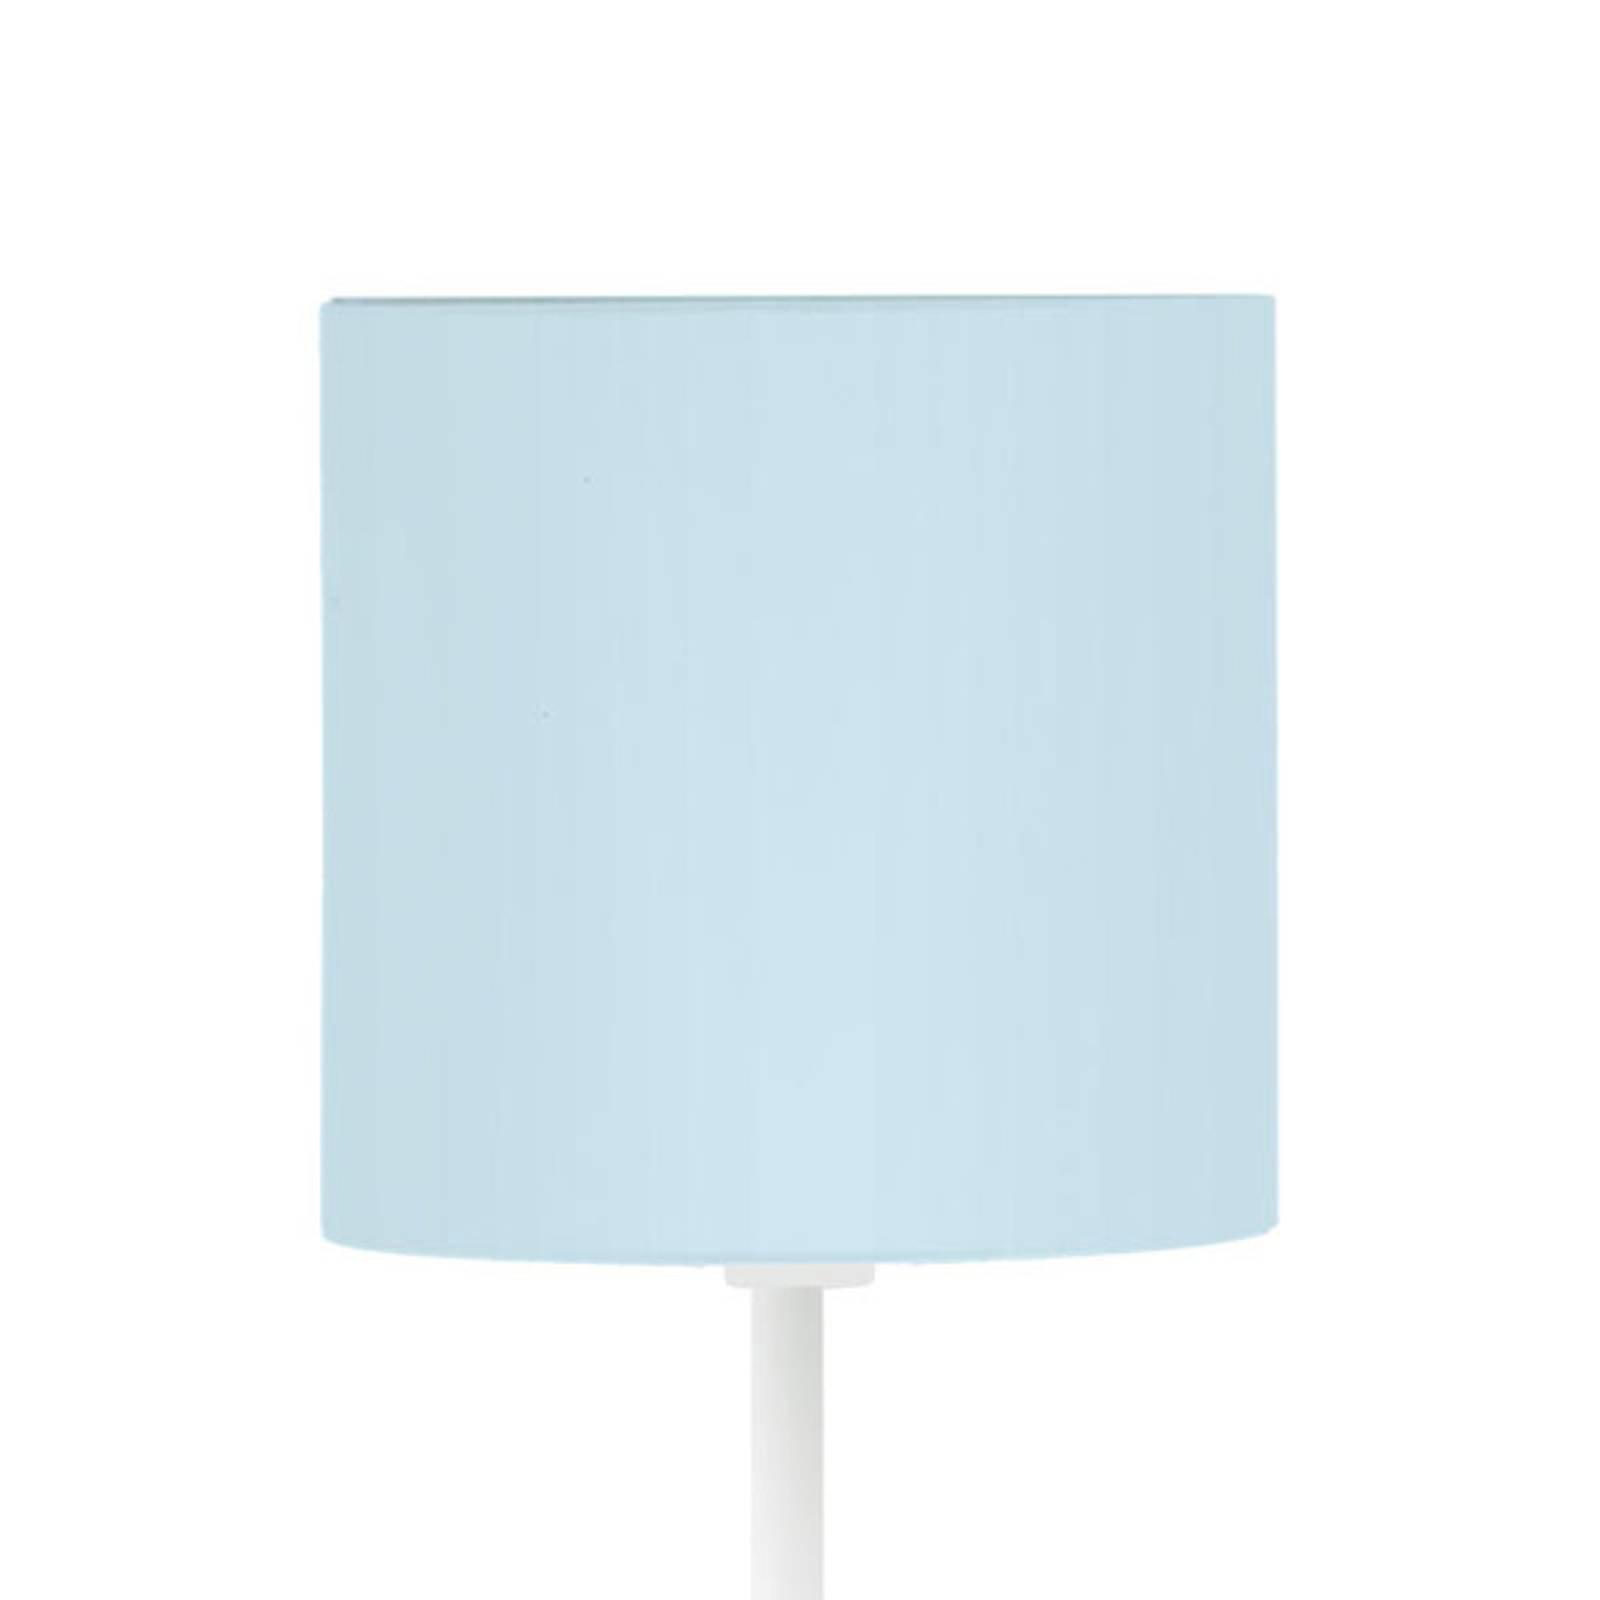 Gulvlampe Pasteri-P, hvit, tekstilskjerm lyseblå